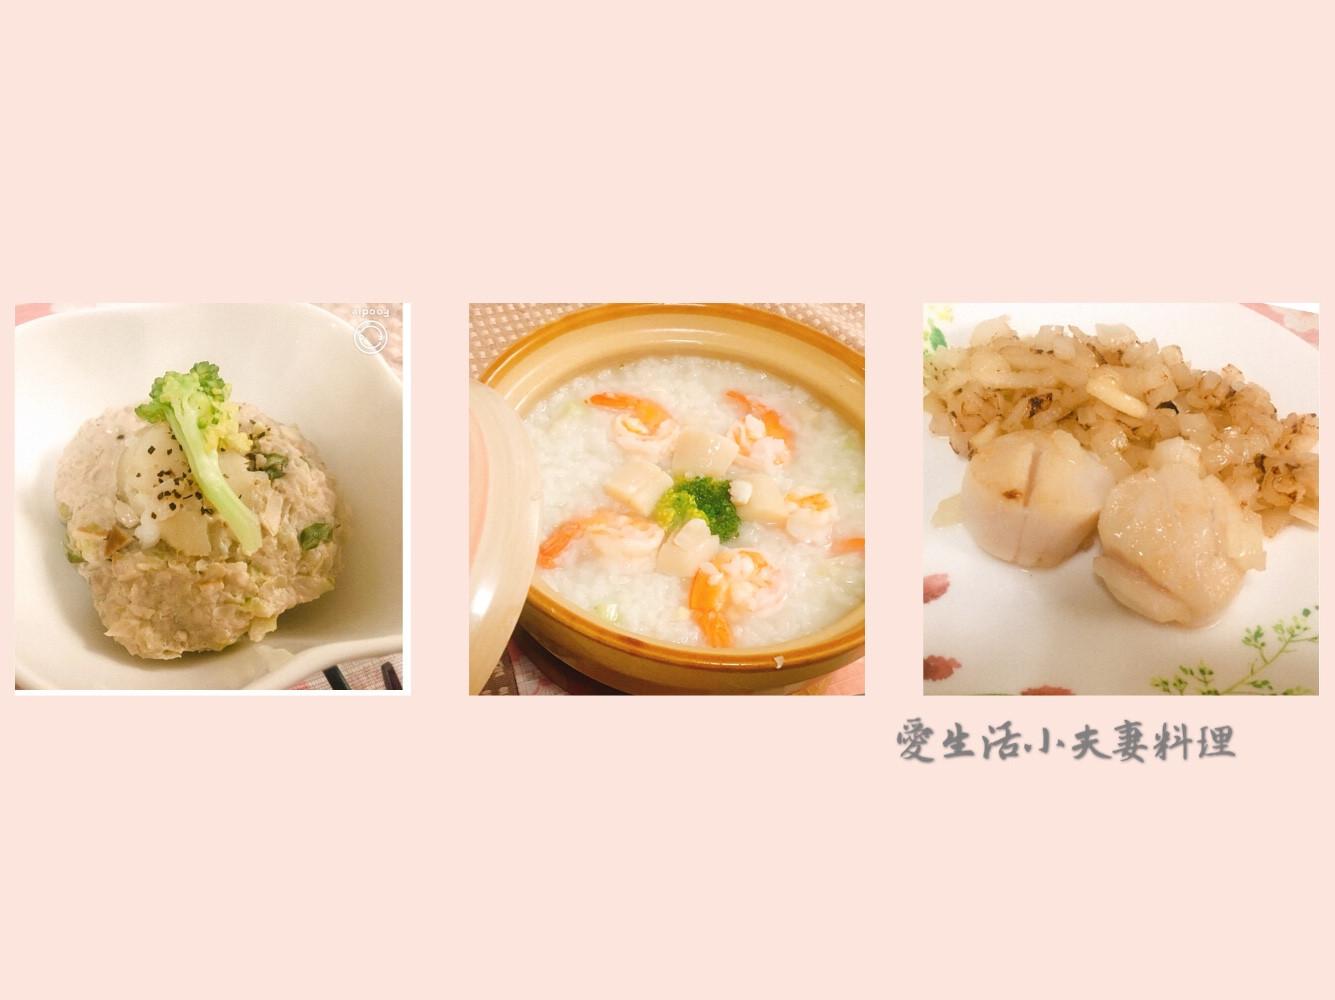 干貝三吃-海鮮干貝粥 奶油干貝 豬肉干貝